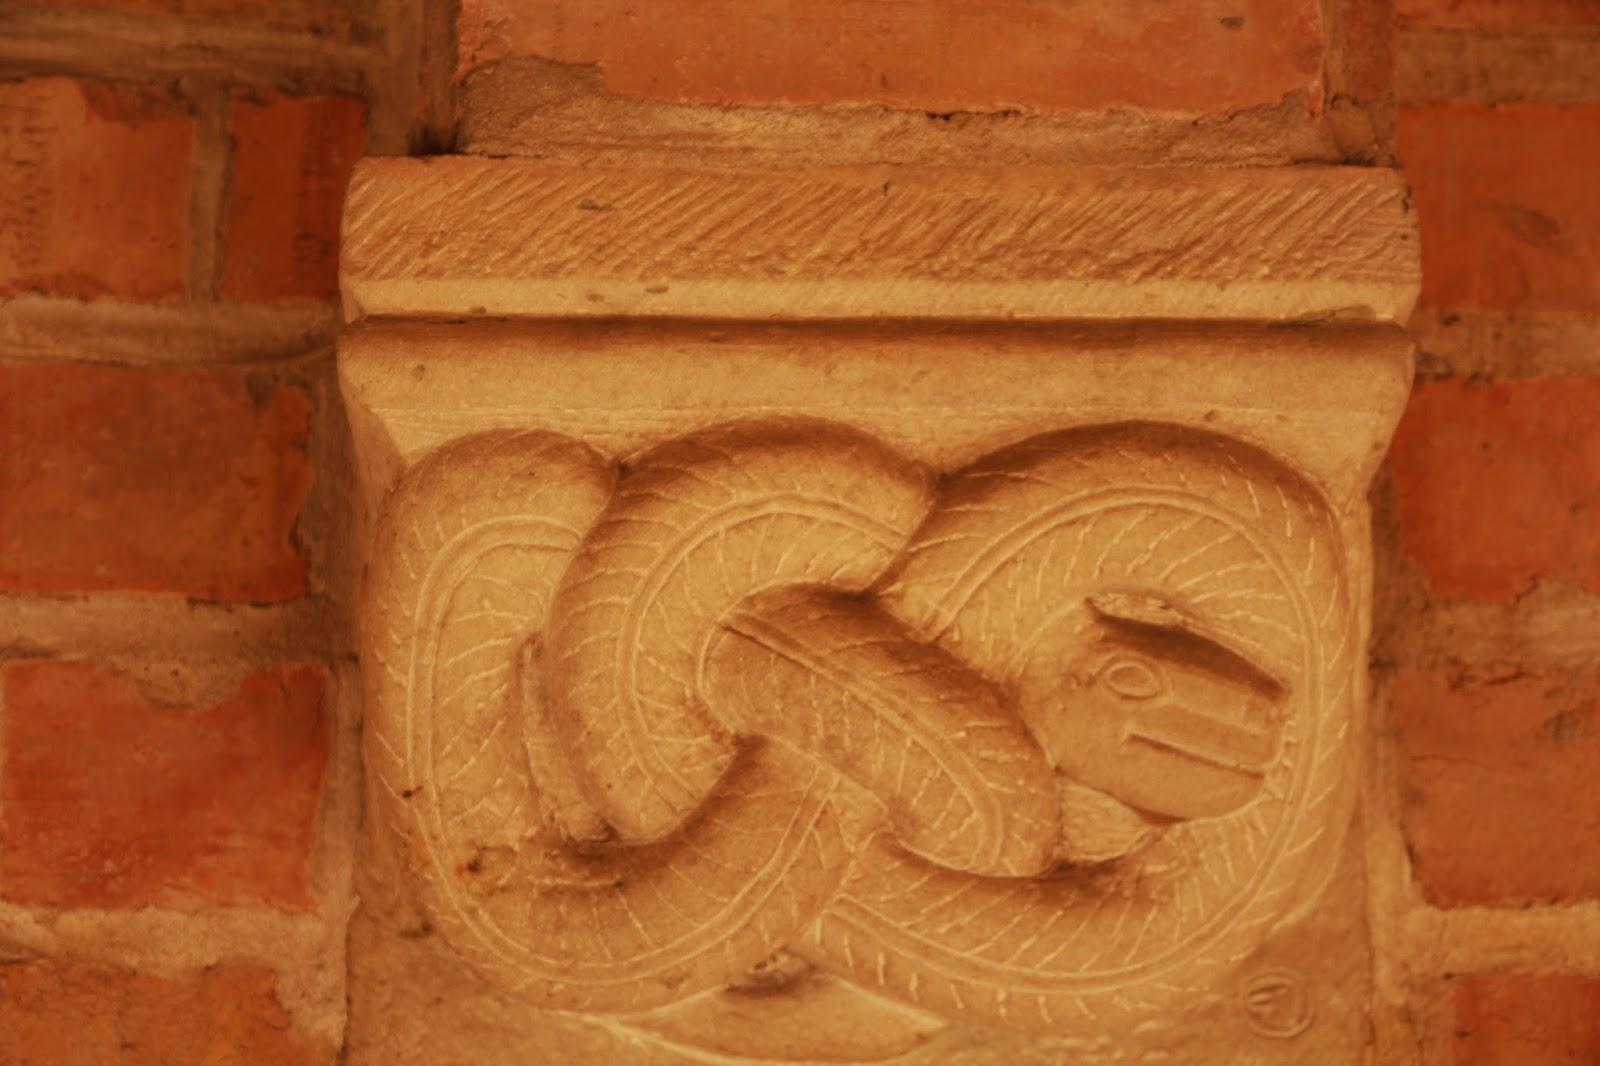 motyw splecionego węża